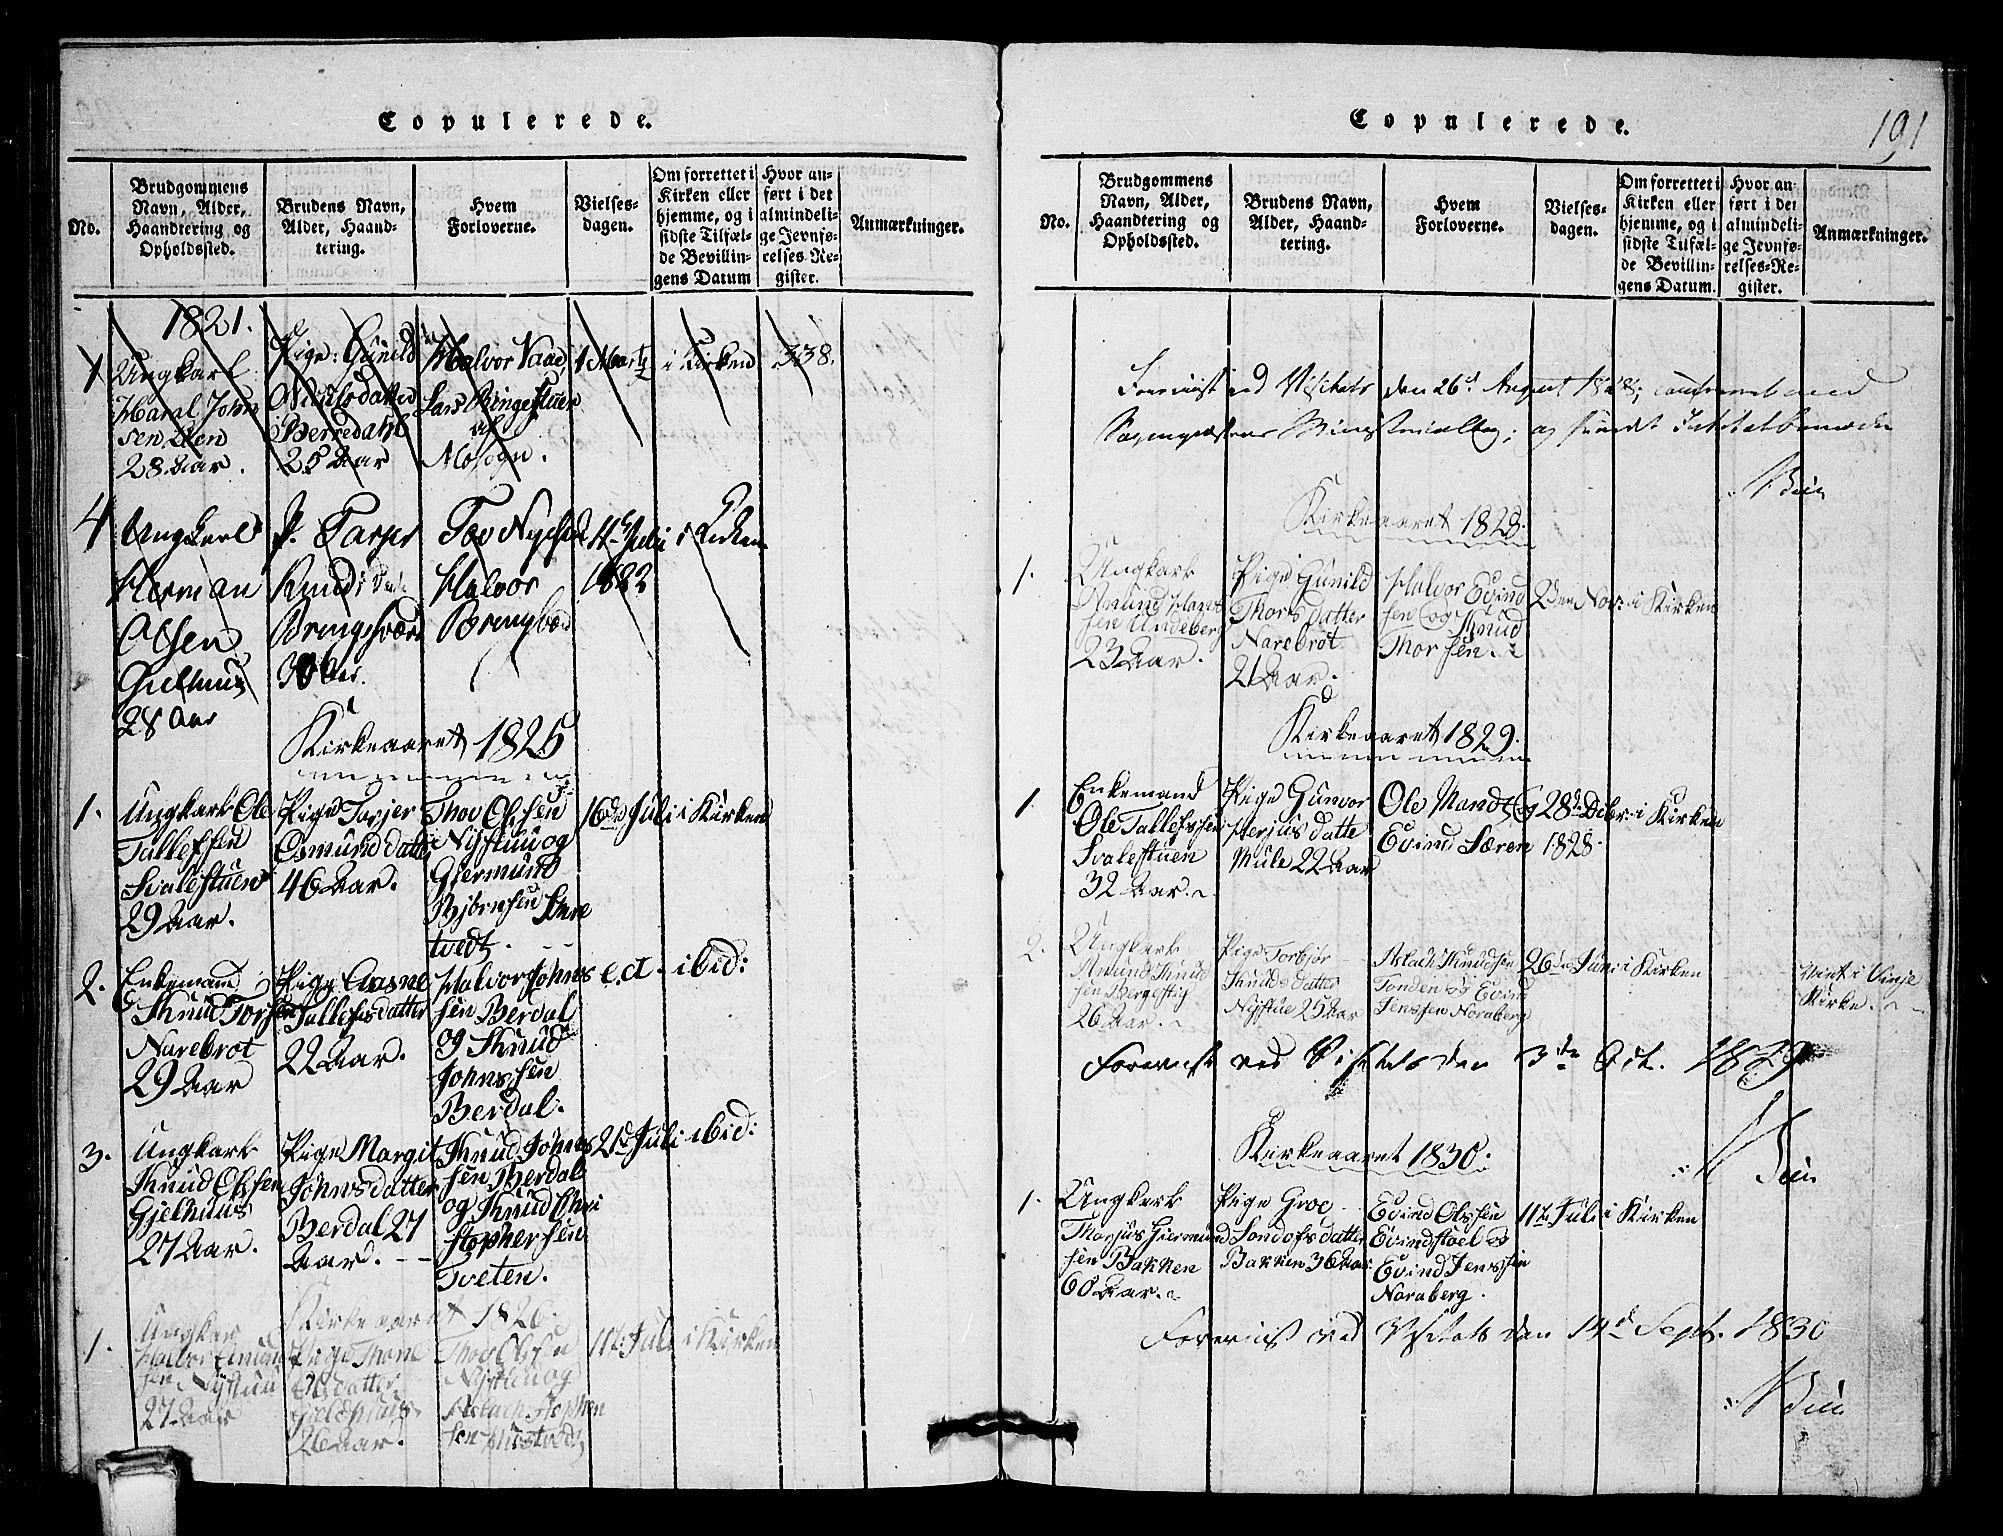 SAKO, Vinje kirkebøker, G/Gb/L0001: Klokkerbok nr. II 1, 1814-1843, s. 191